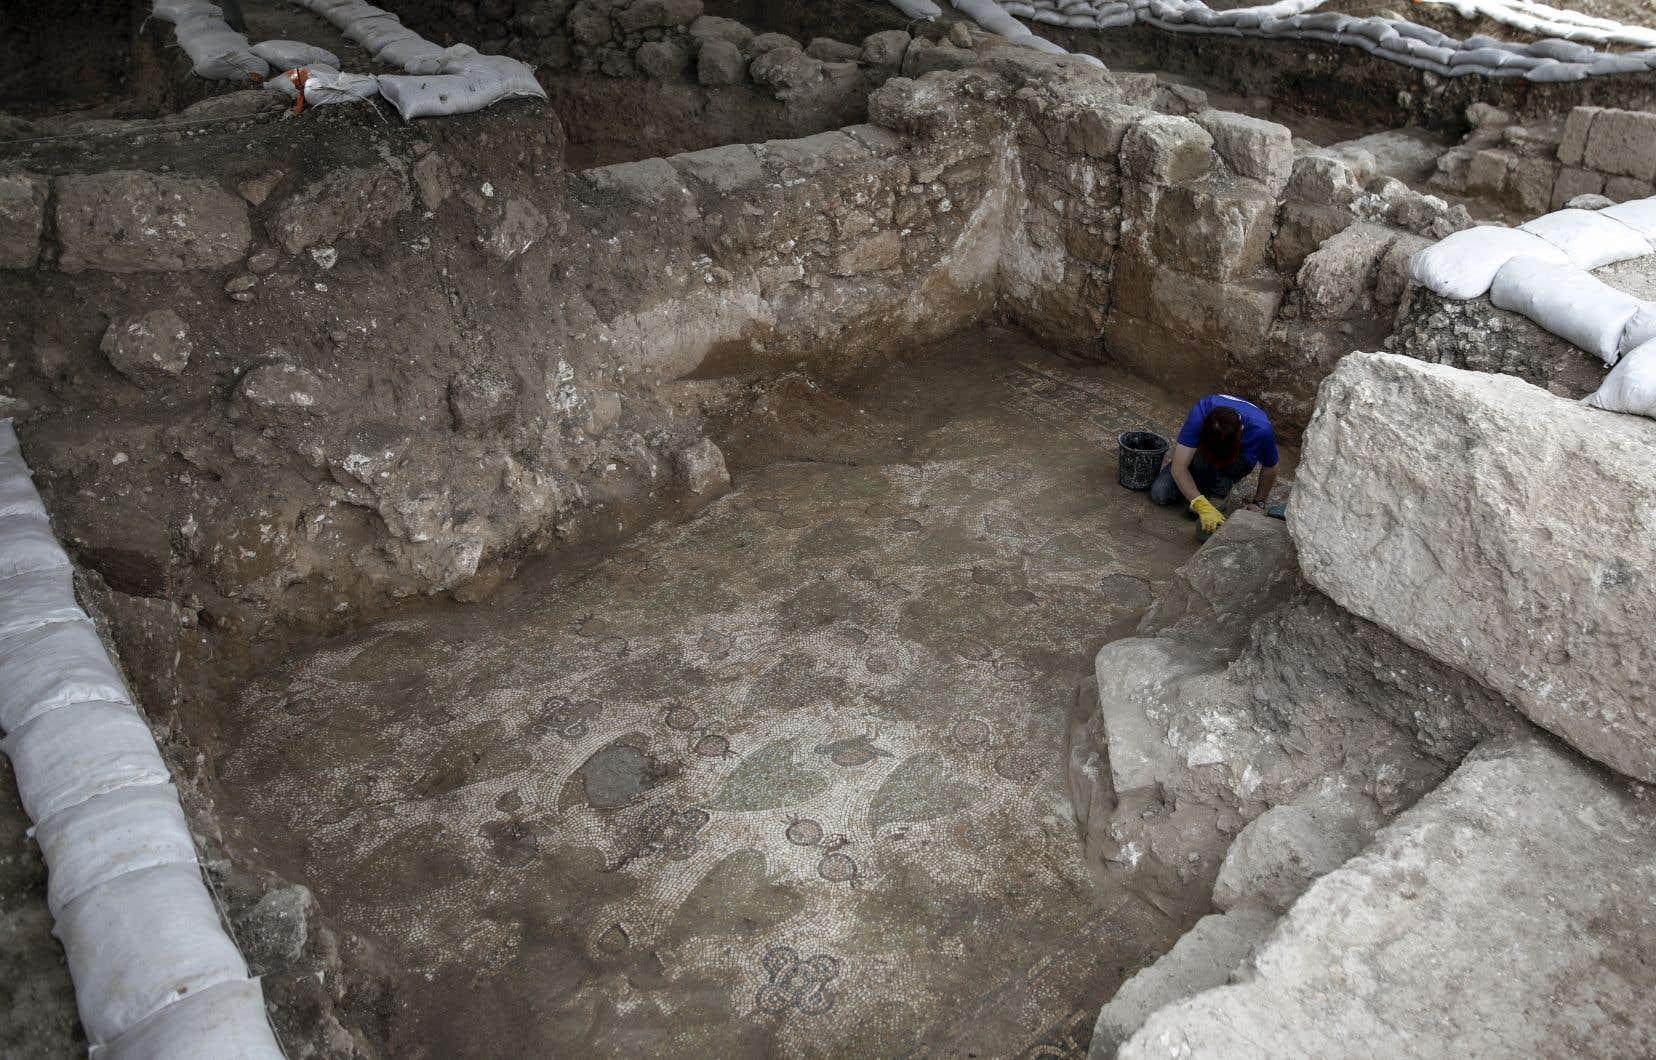 <p>Les archéologues ont exhumé les vestiges de murs faits de pierres aux dimensions imposantes ainsi que des éléments architecturaux en marbre provenant pour partie de l'actuelle Turquie.</p>